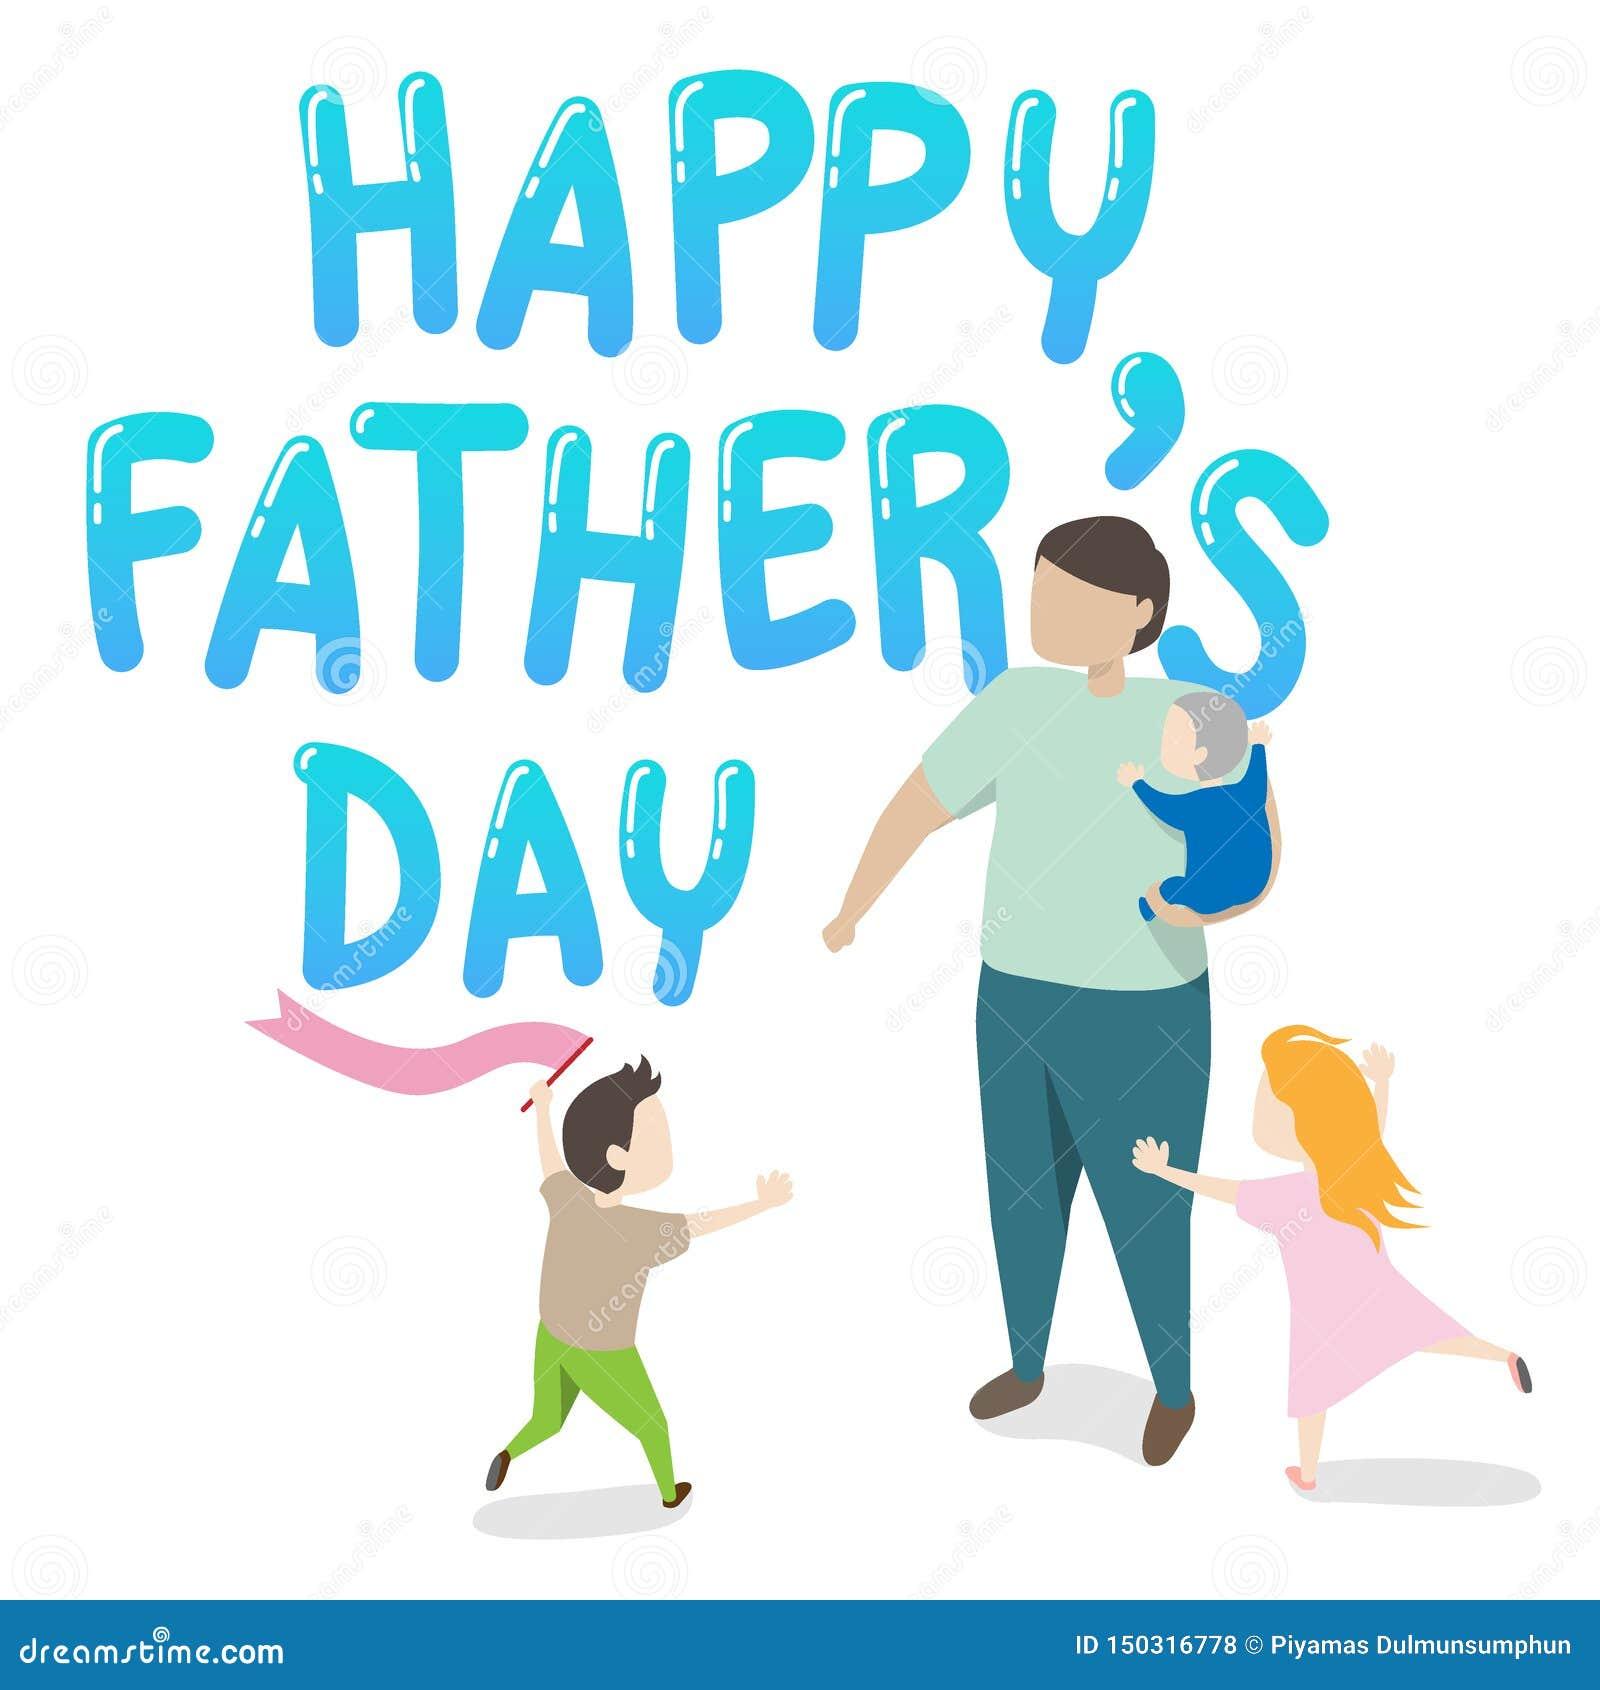 Διάνυσμα της ευχετήριας κάρτας ημέρας του ευτυχούς πατέρα πατέρας που κρατά ένα παιδί στο βραχίονά του με δύο παιδιά που παίζουν